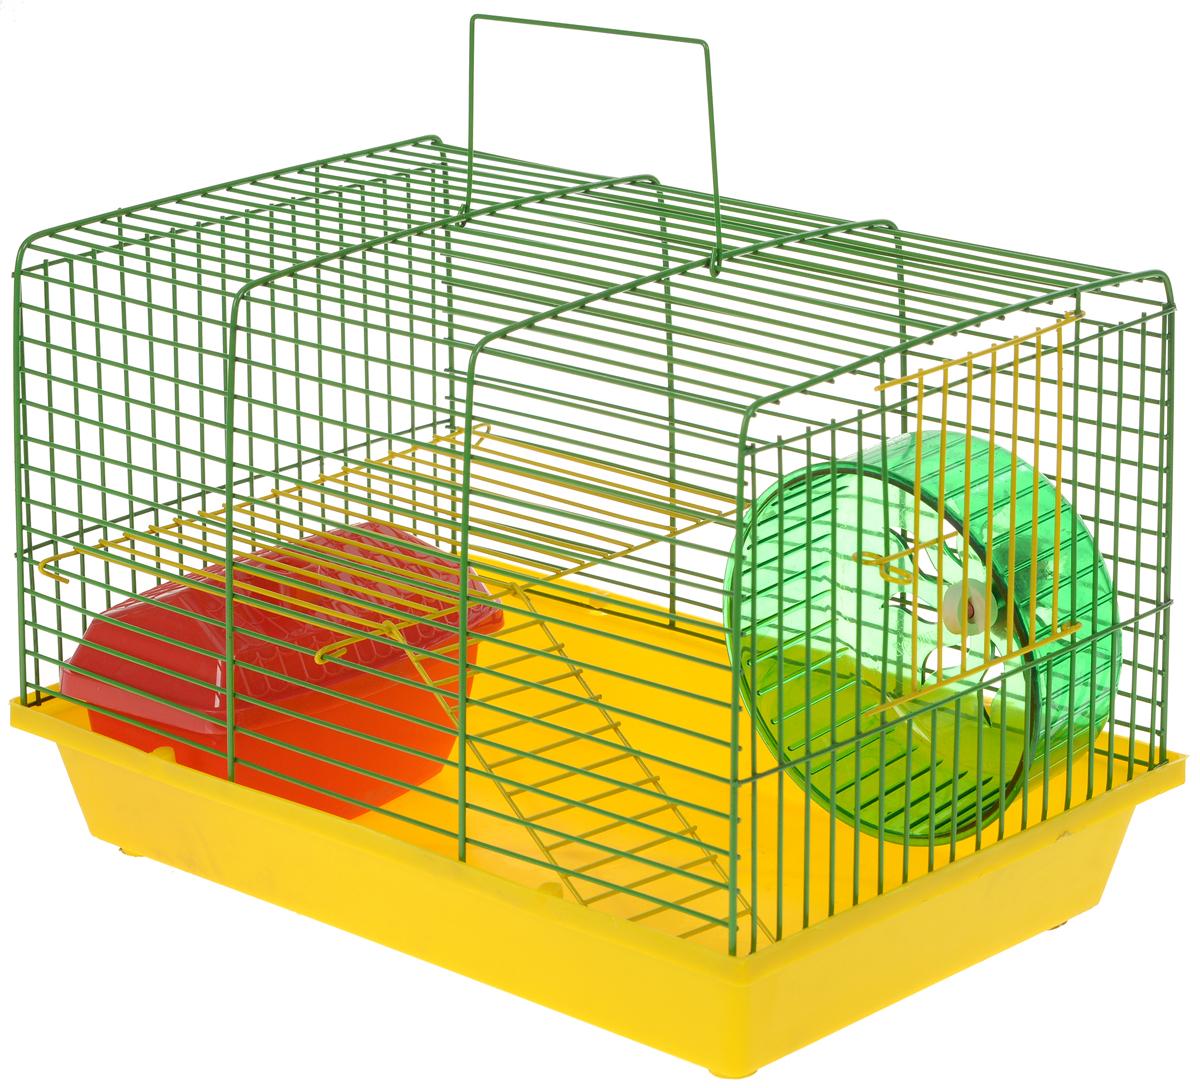 Клетка для грызунов ЗооМарк, 2-этажная, цвет: желтый поддон, зеленая решетка, желтый этаж, 36 х 22 х 24 смКВП1нгКлетка ЗооМарк, выполненная из полипропилена и металла, подходит для мелких грызунов. Изделие двухэтажное, оборудовано колесом для подвижных игр и пластиковым домиком. Клетка имеет яркий поддон, удобна в использовании и легко чистится. Сверху имеется ручка для переноски. Такая клетка станет личным пространством и уютным домиком для маленького грызуна.Комплектация: - клетка с поддоном;- домик;- колесо.